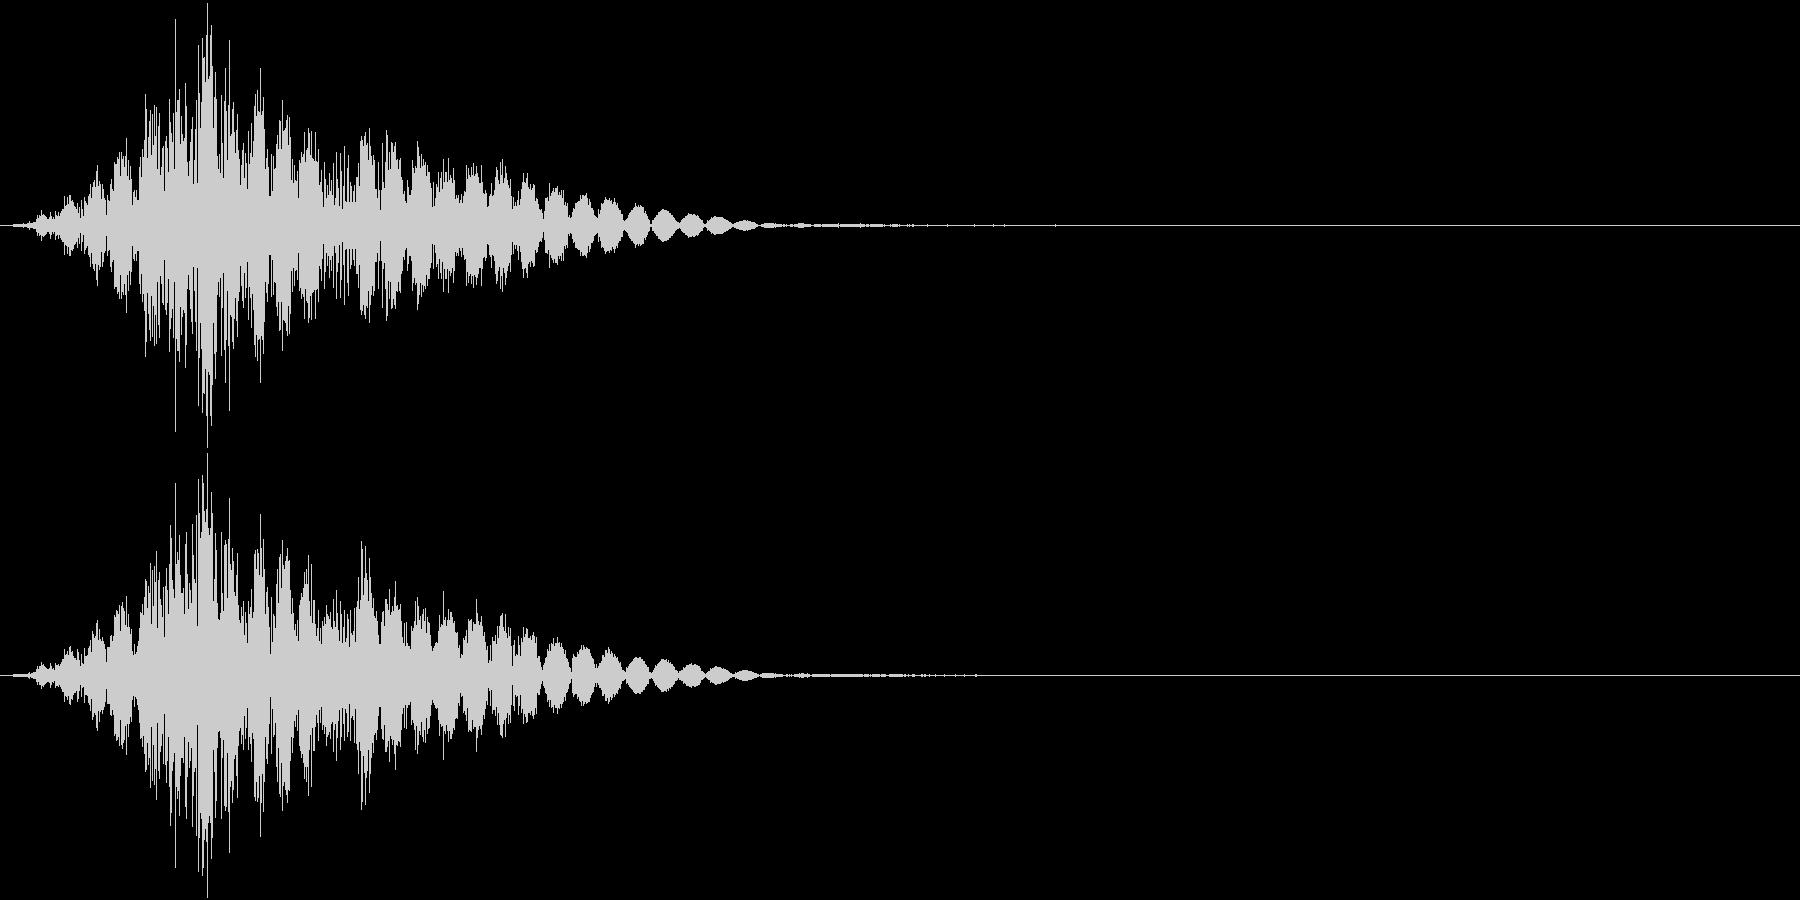 KAKUGE 格闘ゲーム戦闘音 63の未再生の波形